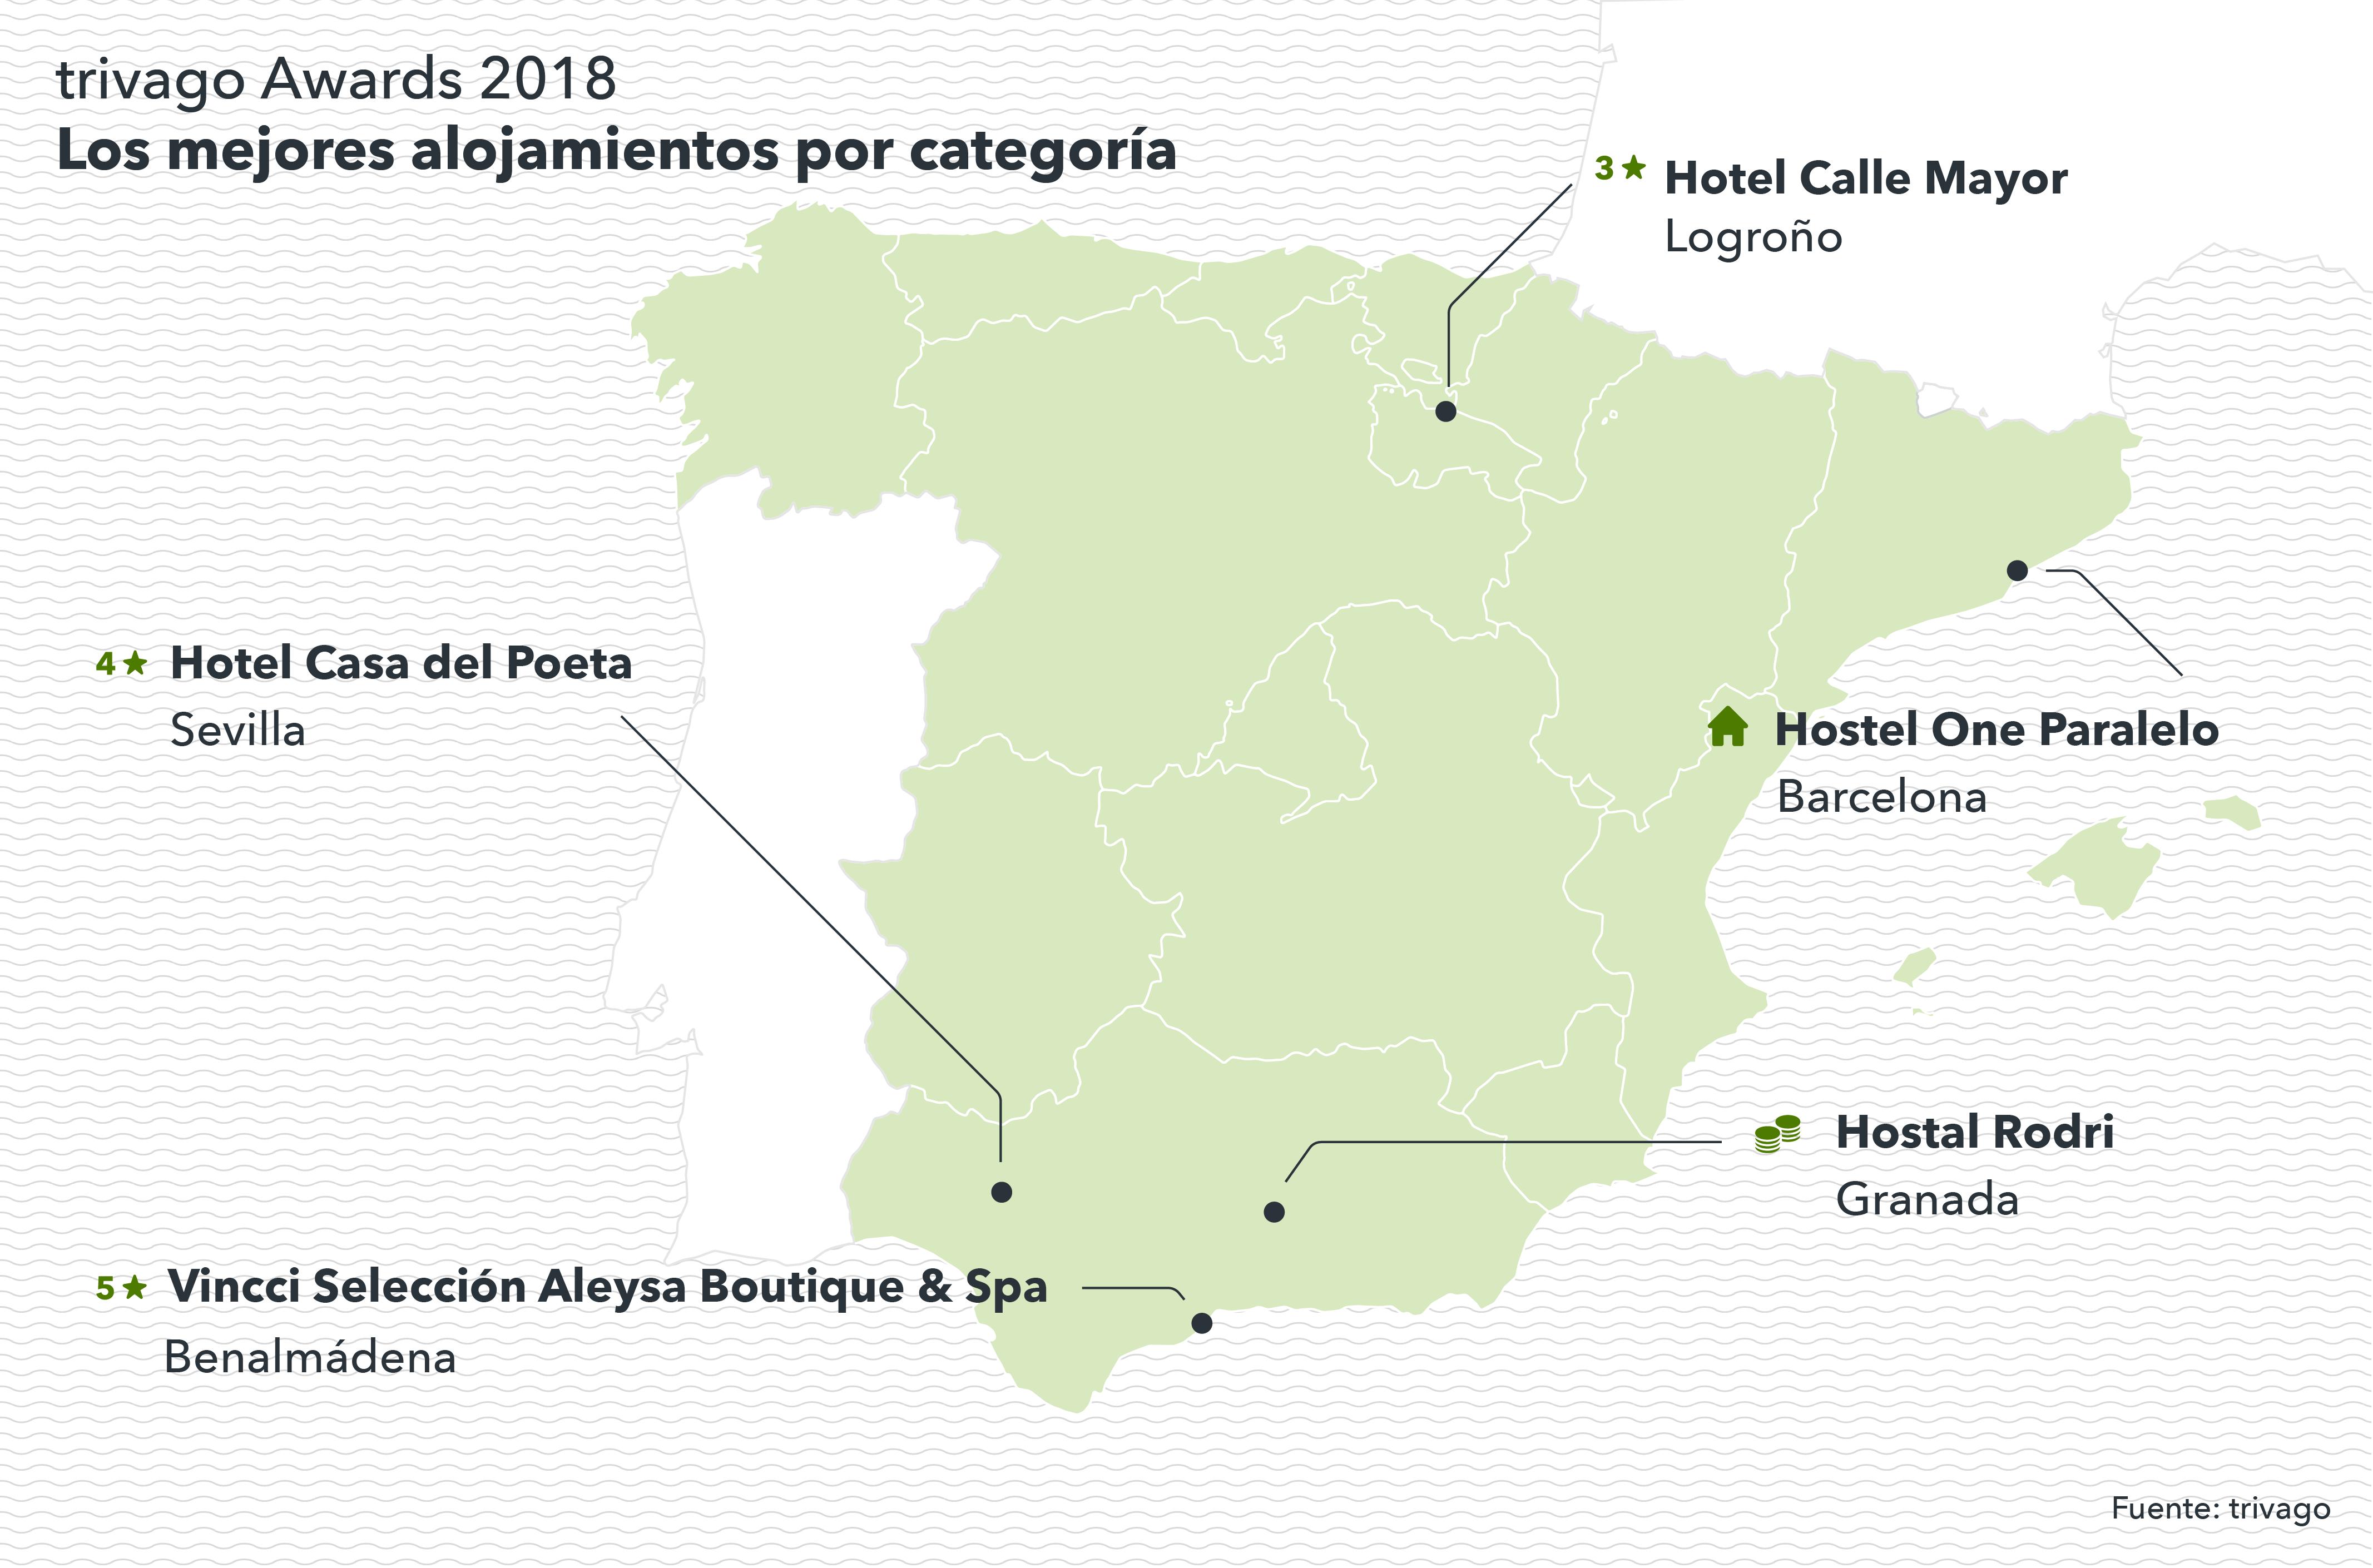 Mapa de España con los hoteles ganadores de los trivago Awards 2018